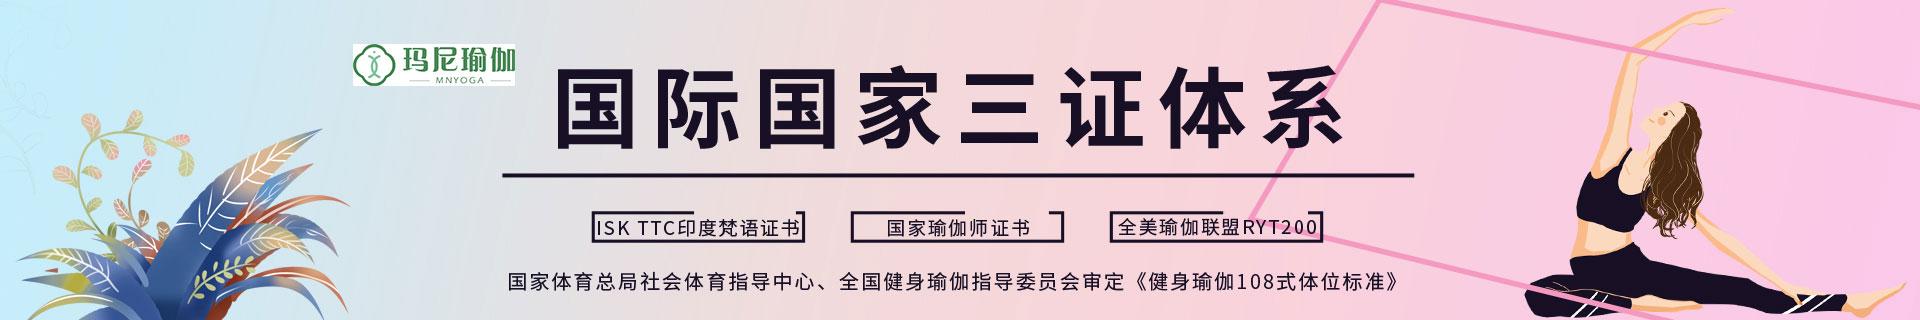 无锡滨湖区玛尼瑜伽培训